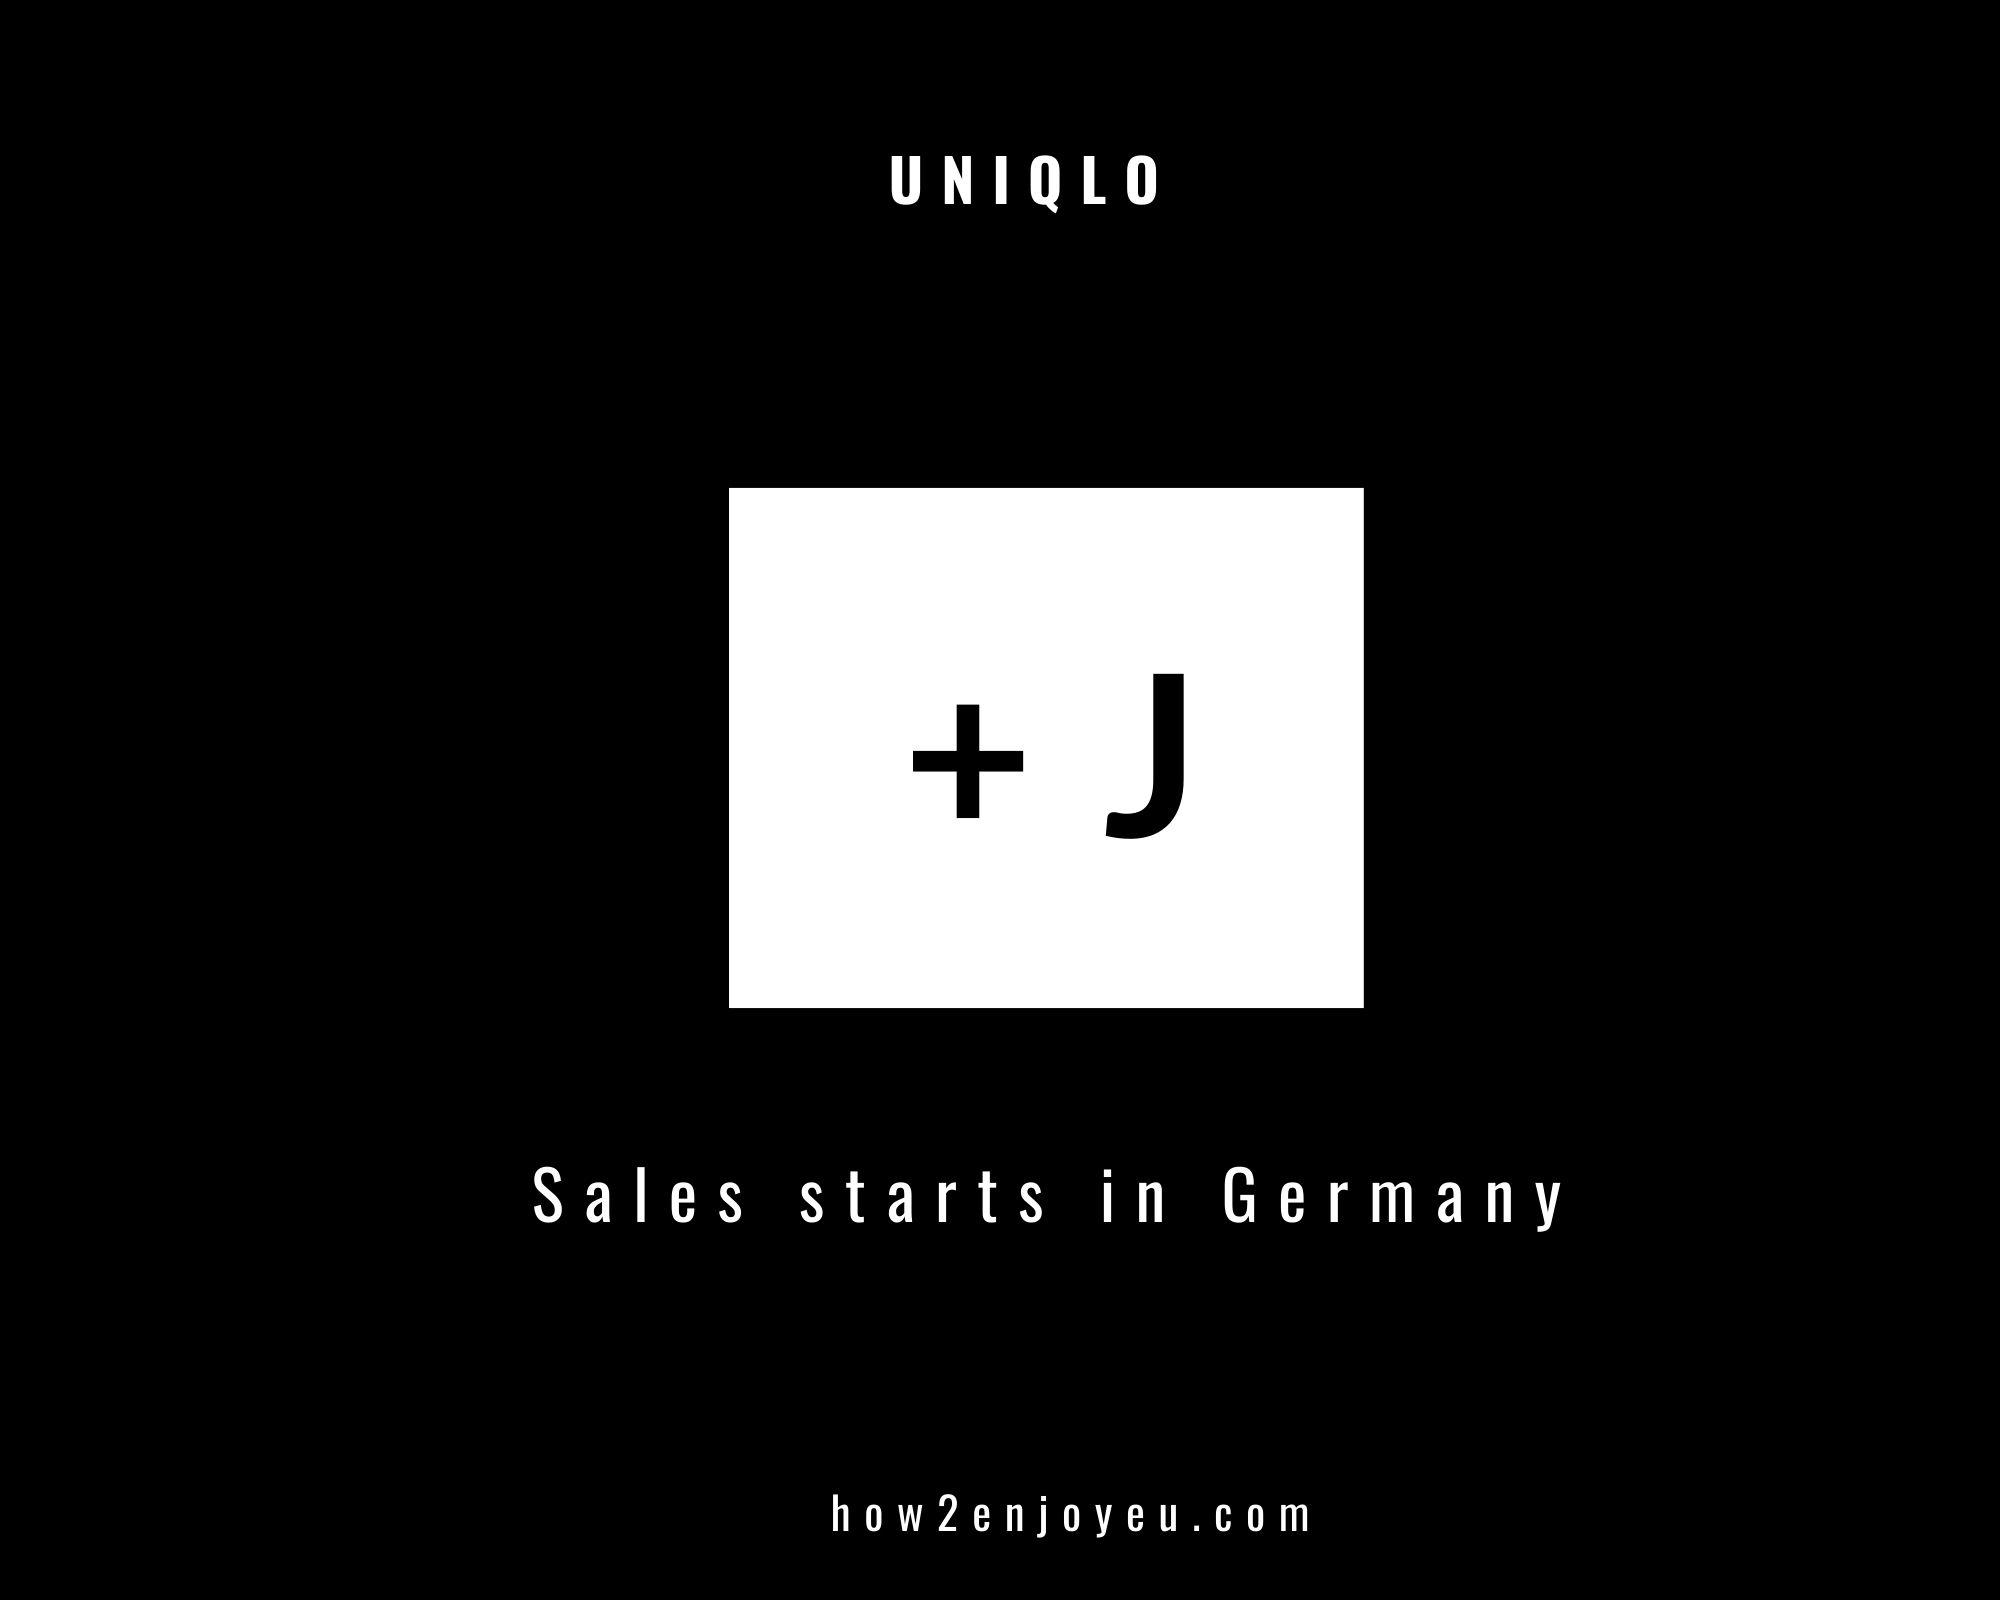 ドイツのユニクロ、【プラスJ】発売日、最速完売したアイテムはこれだ